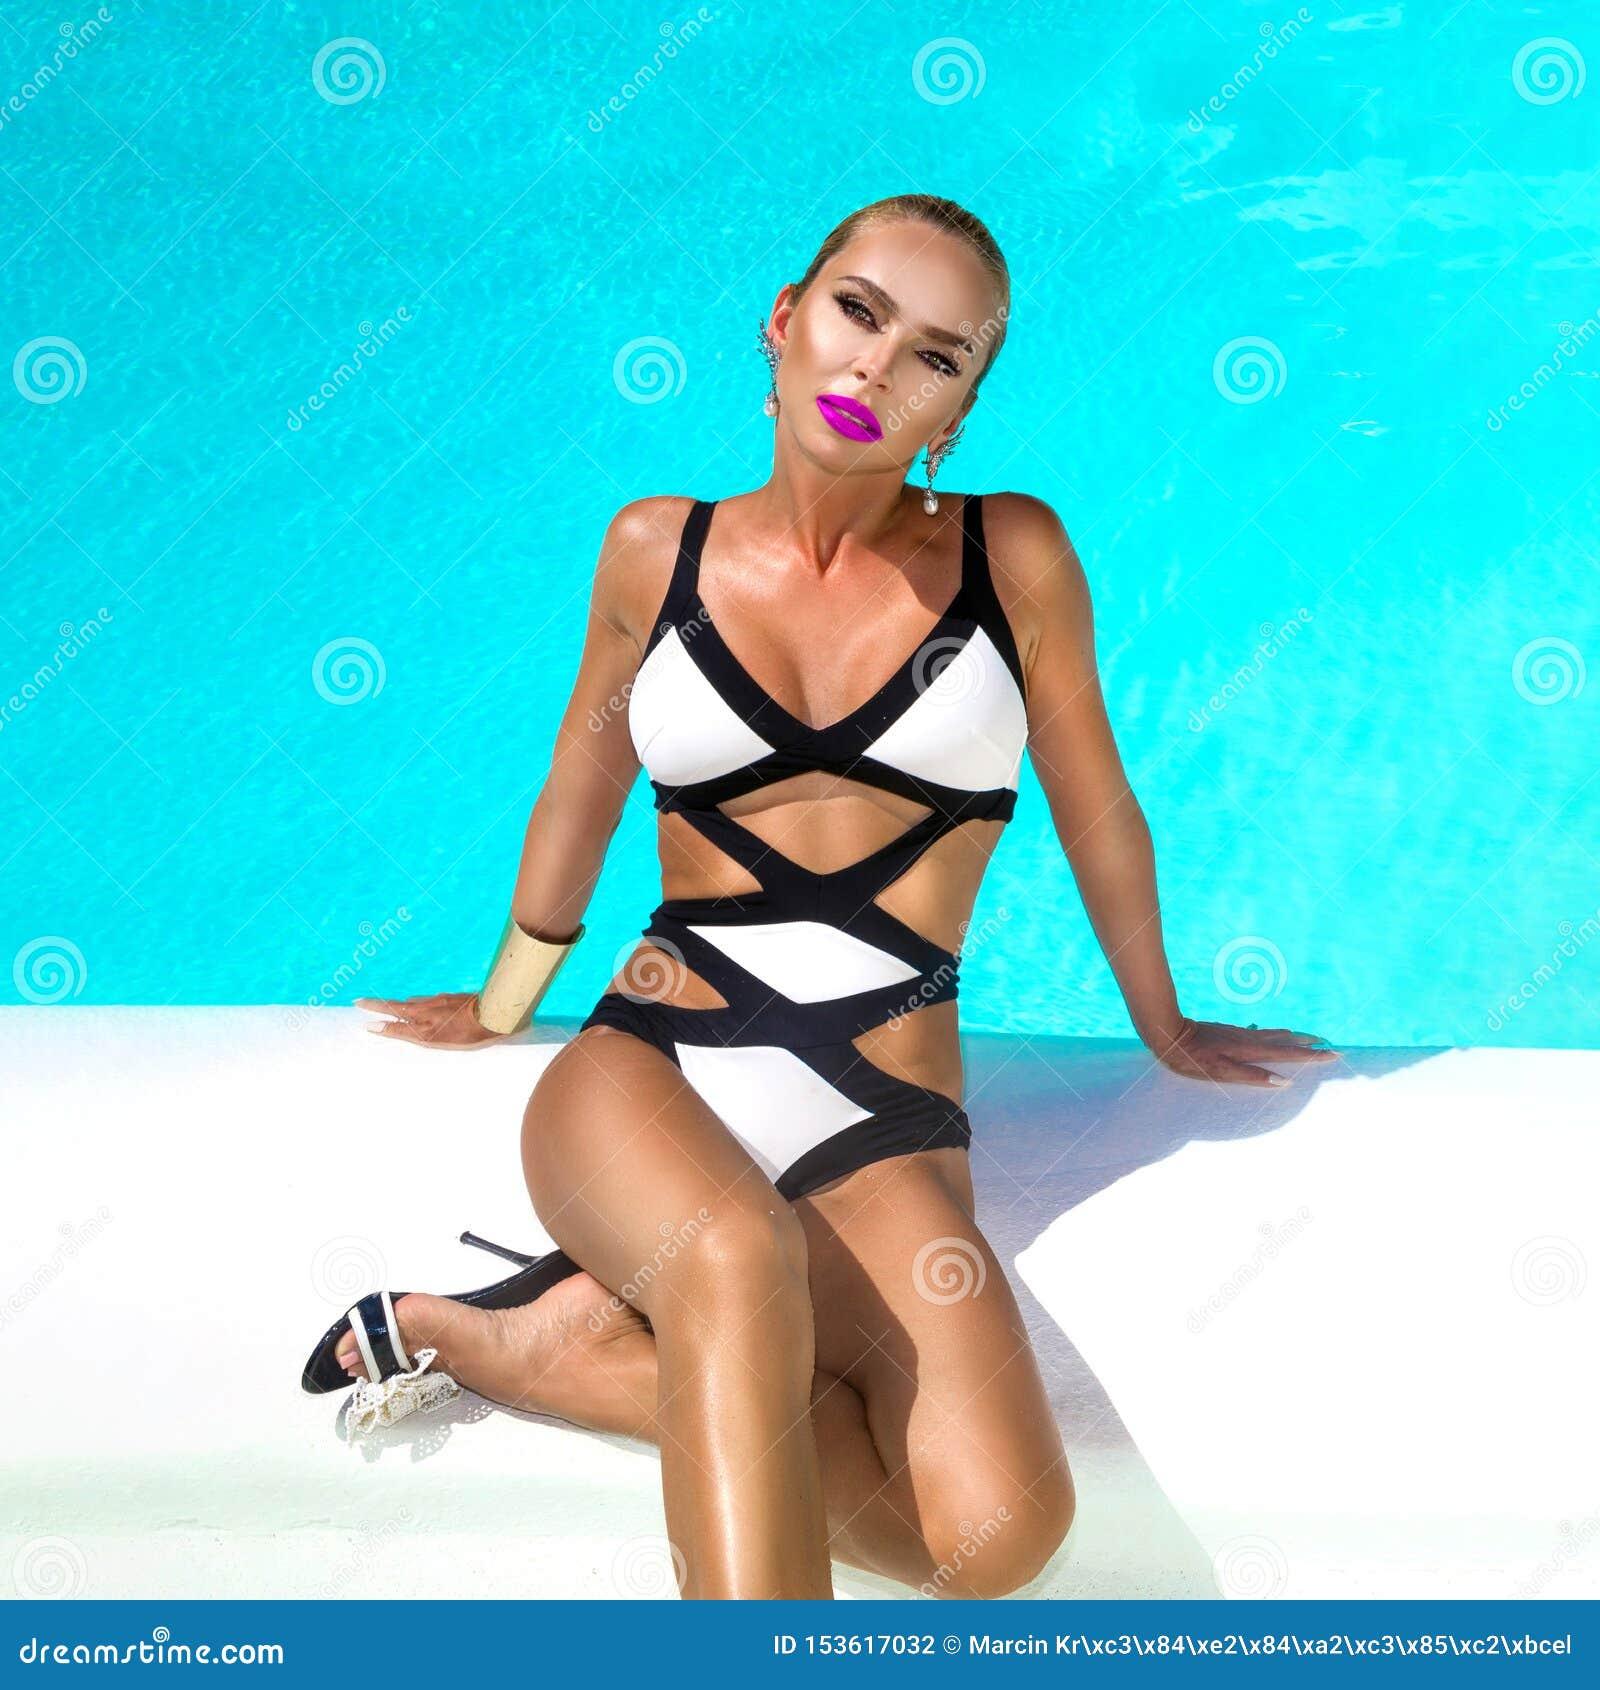 La donna sexy elegante nel bikini in bianco e nero sul corpo esile e ben fatto Sun-abbronzato sta posando vicino alla piscina - i